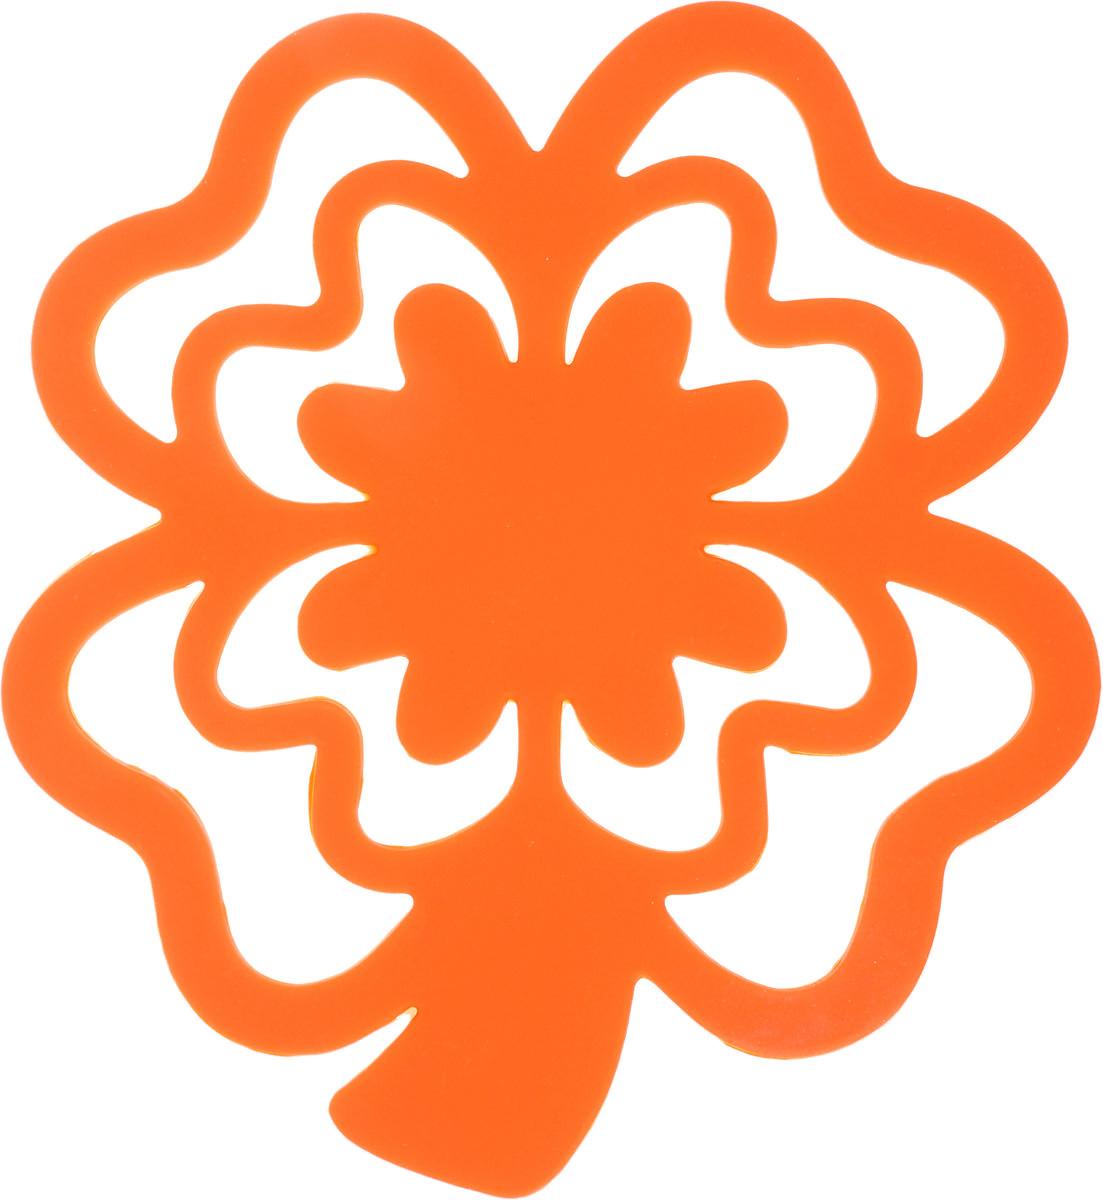 Подставка под горячее Доляна Цветок, цвет: оранжевый148205_оранжевыйНеобходимый и надежный аксессуар на кухне - это подставка под горячее.Силиконовая подставка Доляна Цветок отличается удобством пользования и практичностью. Она надежно защищает поверхность стола от повреждения горячей посуды. Изделие приятно на ощупь и отлично переносит перепад температур.